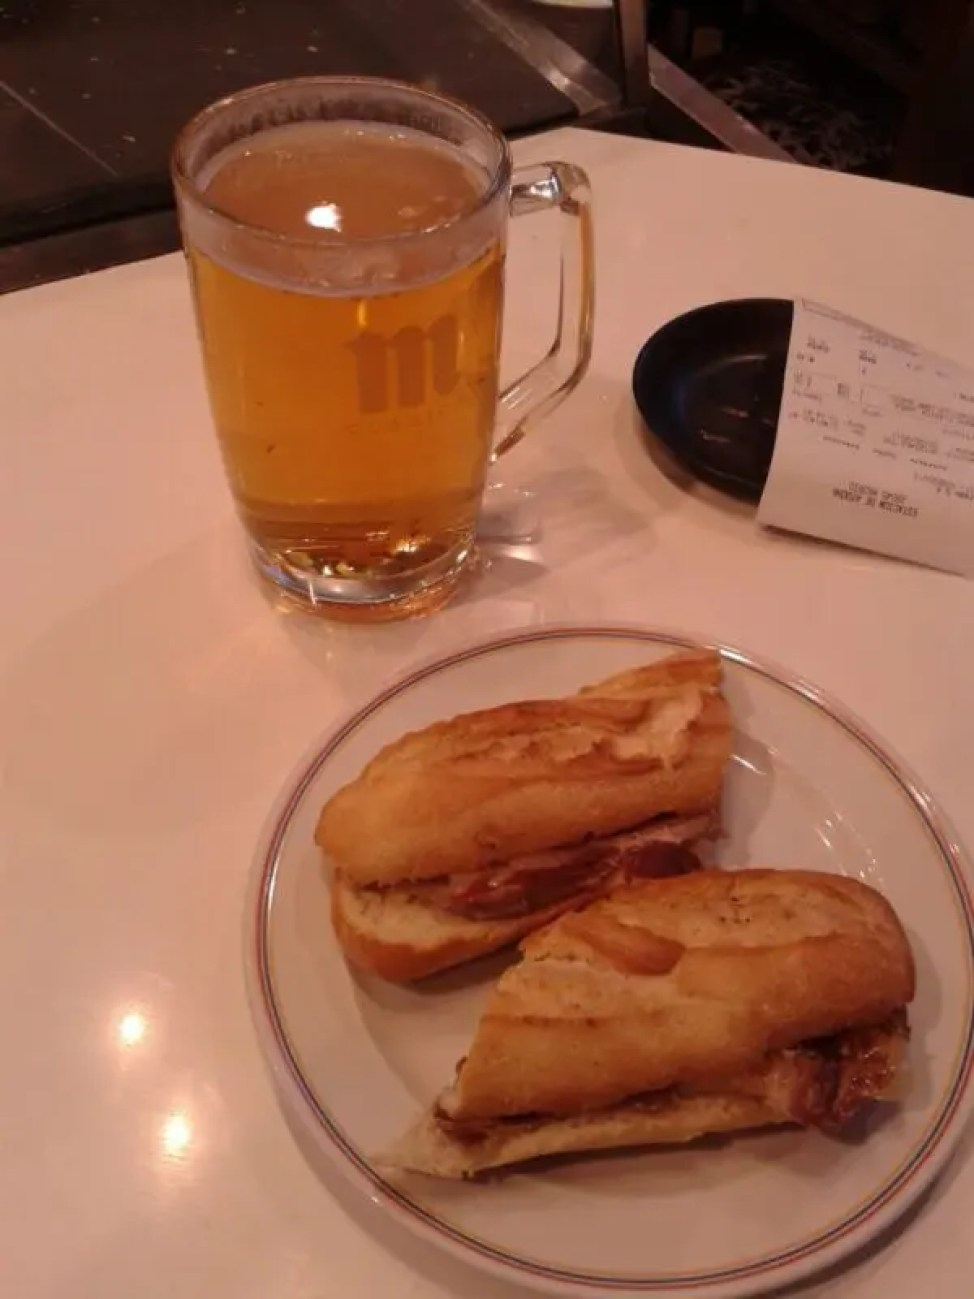 Disfrutando solo de una cerveza y un serranito en una de mis llegadas a España